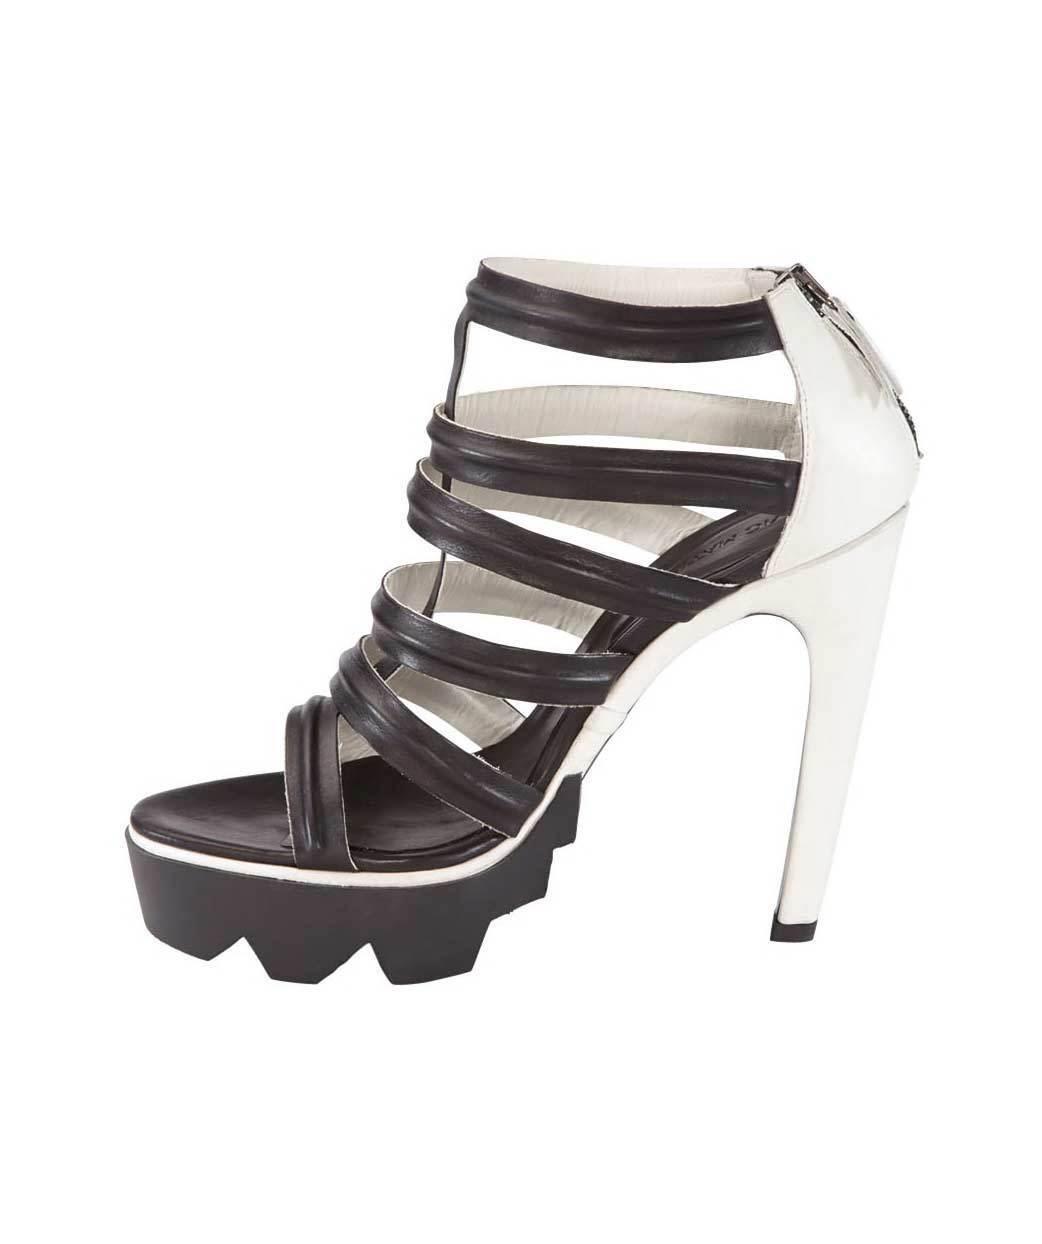 Vic Matie Designer-Sandalette aus schwarz-weißem Leder